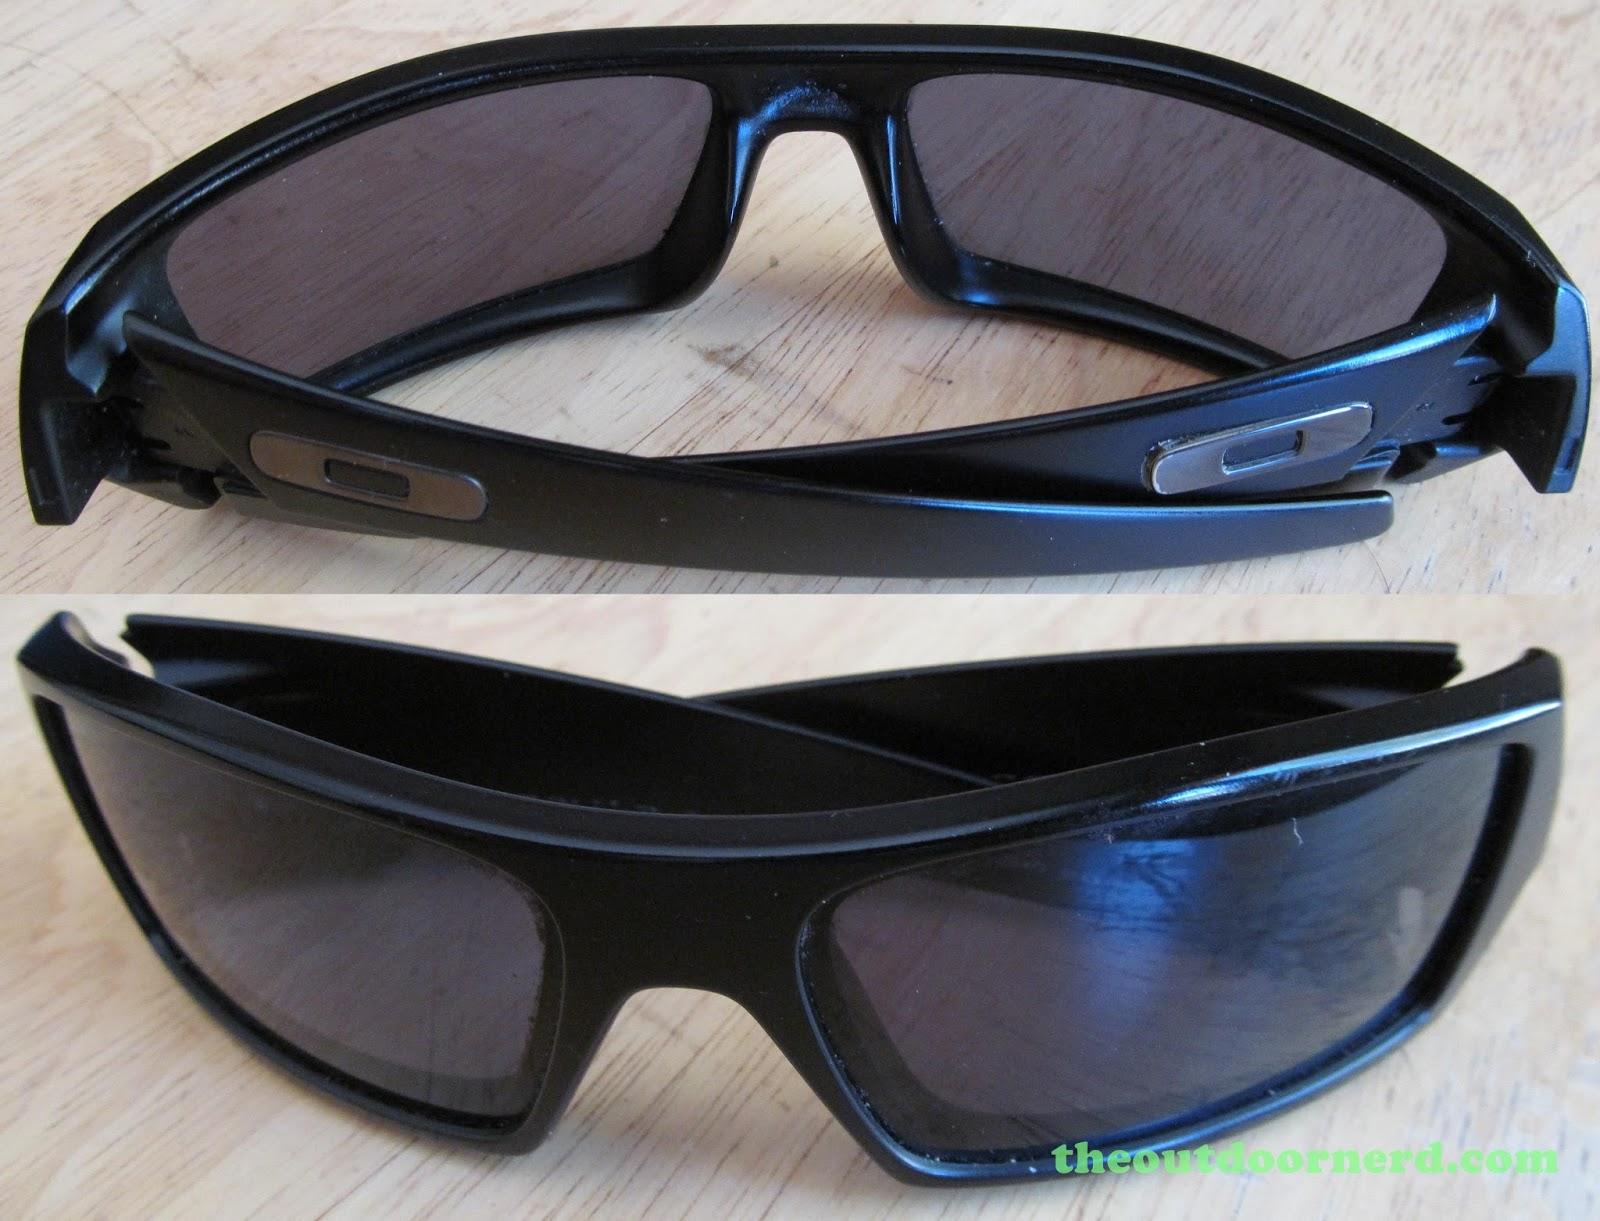 cb8157daaa Oakley GasCan Sunglasses  Split View